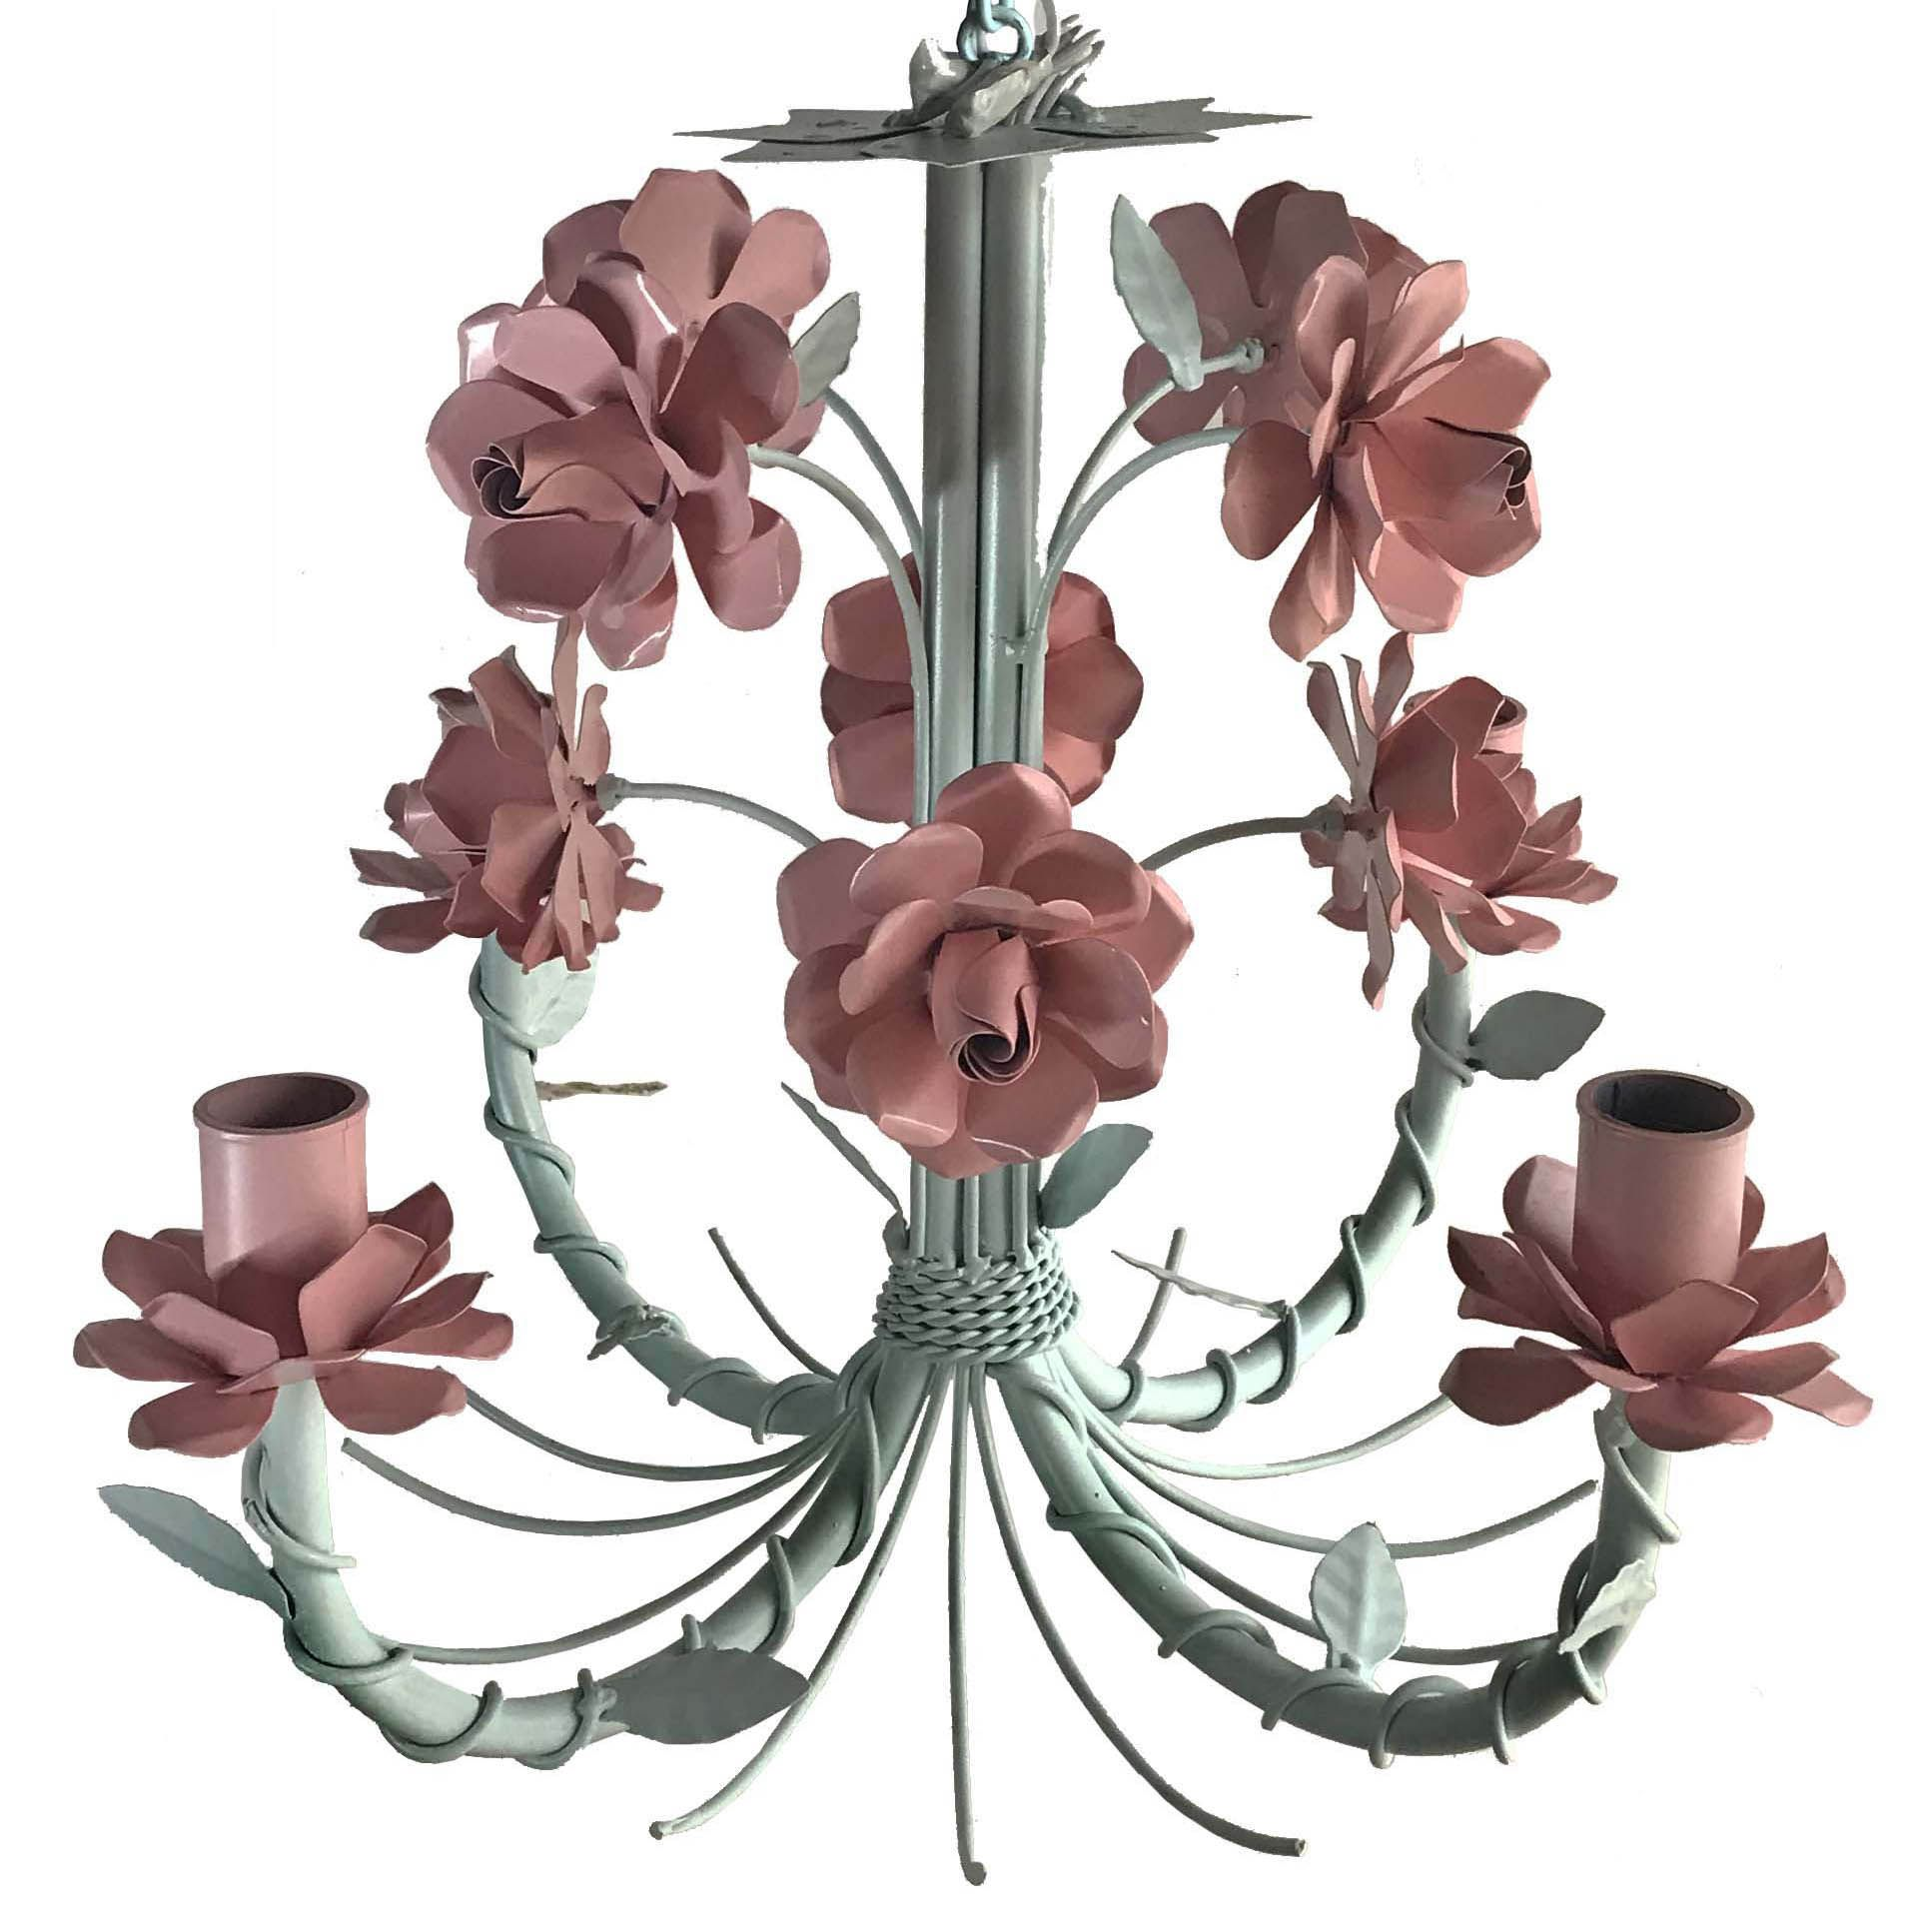 Lustre De Ferro Com Flores Artesanais para Decoração de Sala Vintage